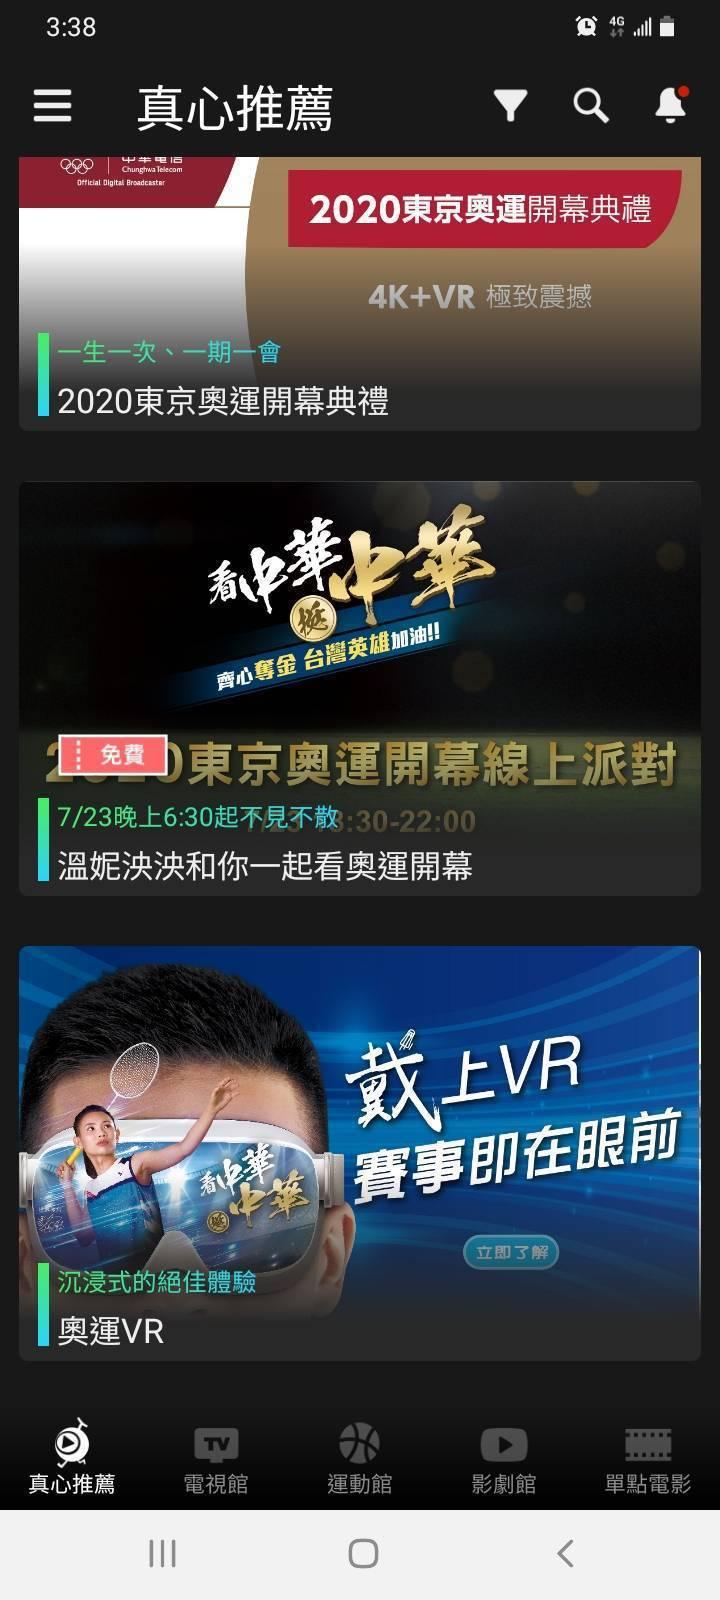 中華電信首創舉辦奧運開幕線上派對,邀請全民免費線上同歡。照片/Hami Vide...